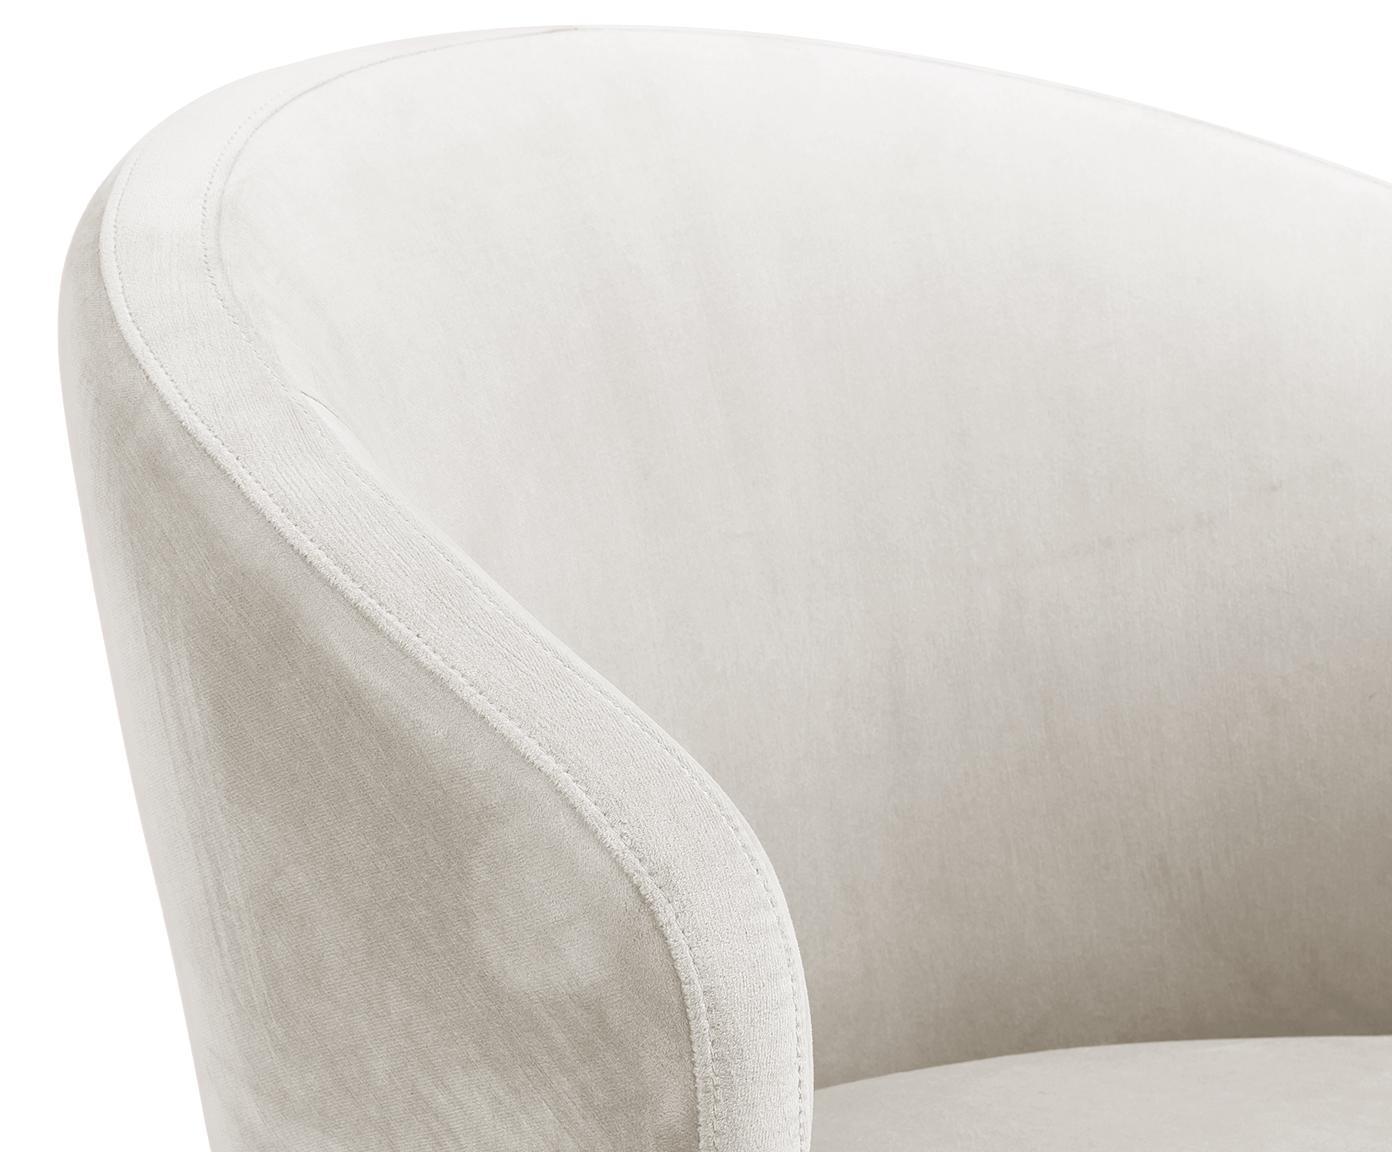 Krzesło z podłokietnikami z aksamitu Celia, Tapicerka: aksamit (poliester) 3000, Nogi: metal malowany proszkowo, Aksamitny beżowy, S 57 x G 62 cm